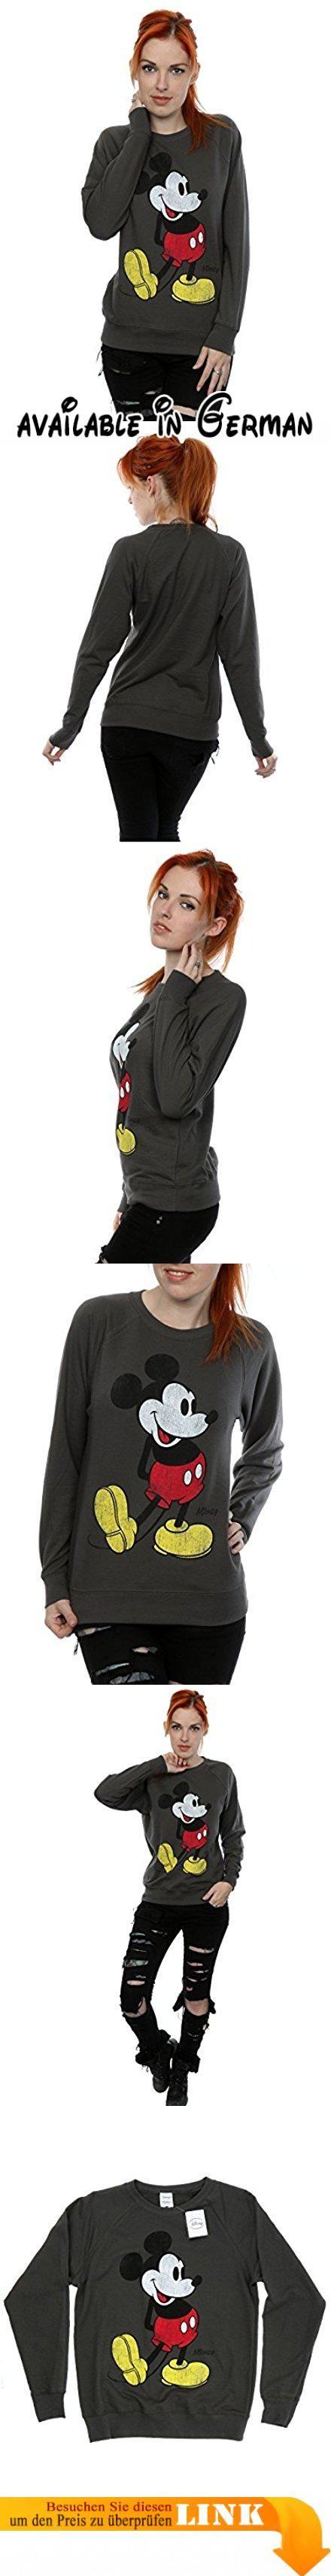 Disney Damen Mickey Mouse Classic Kick Sweatshirt XX-Large Licht Graphite. Offiziell lizenzierte Waren mit allen autorisierten Lizenzgeber Branding, Verpackung und Kennzeichnung. 240gsm leichtes Kleidungsstück perfekt für den Sommer oder tragen das ganze Jahr über.. Leichtes unbrushed Vlies, Raglanärmel und geformter Seitennähte für eine feminine Form.. Bitte überprüfen Sie Ihre Dimensionierung Enttäuschungen zu vermeiden. Unsere Größe X-Small ist das Äquivalent